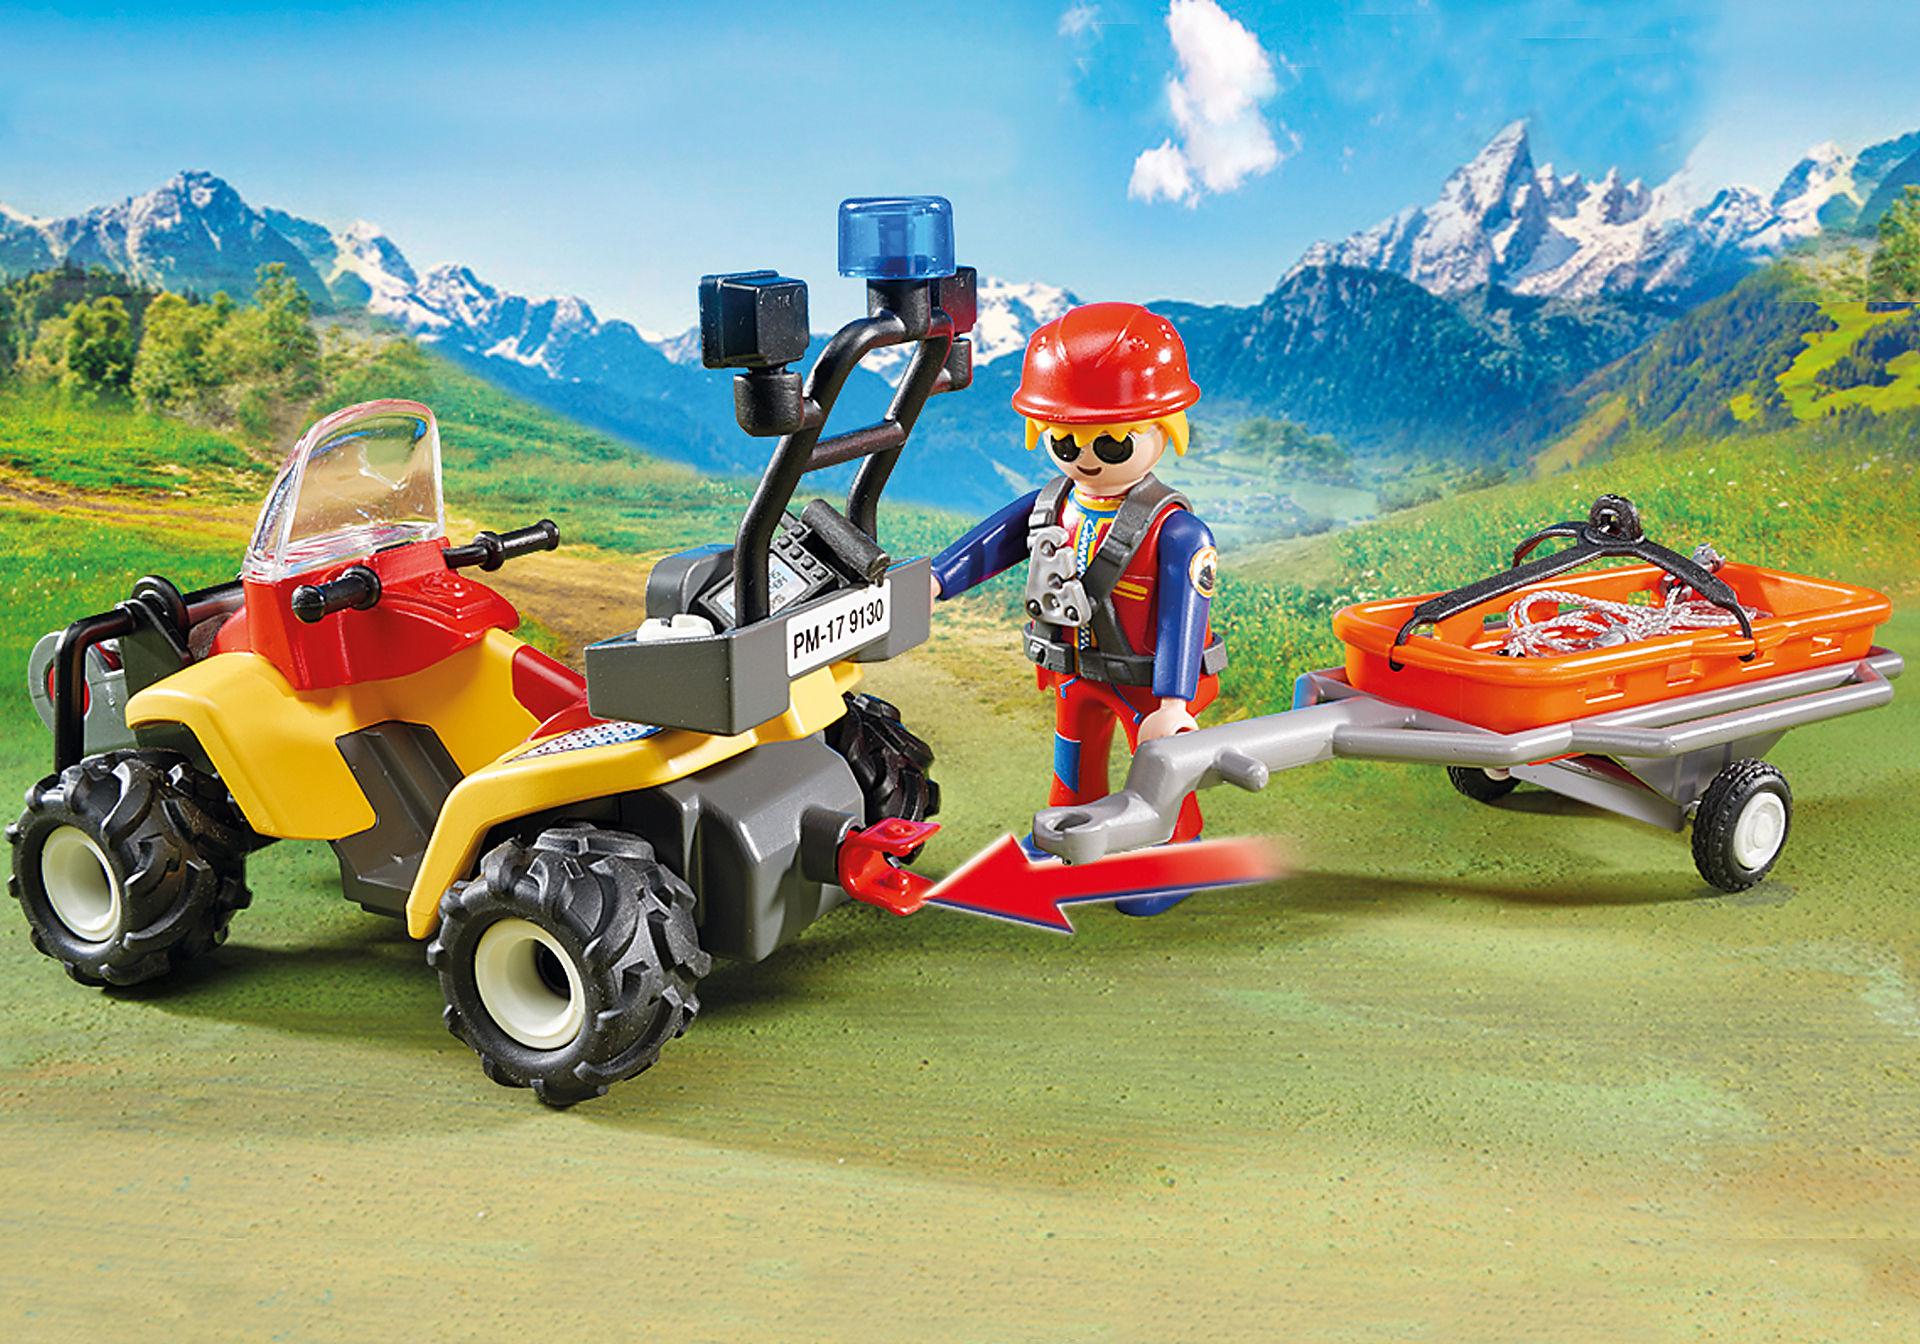 http://media.playmobil.com/i/playmobil/9130_product_extra2/Secouriste des montagnes avec quad